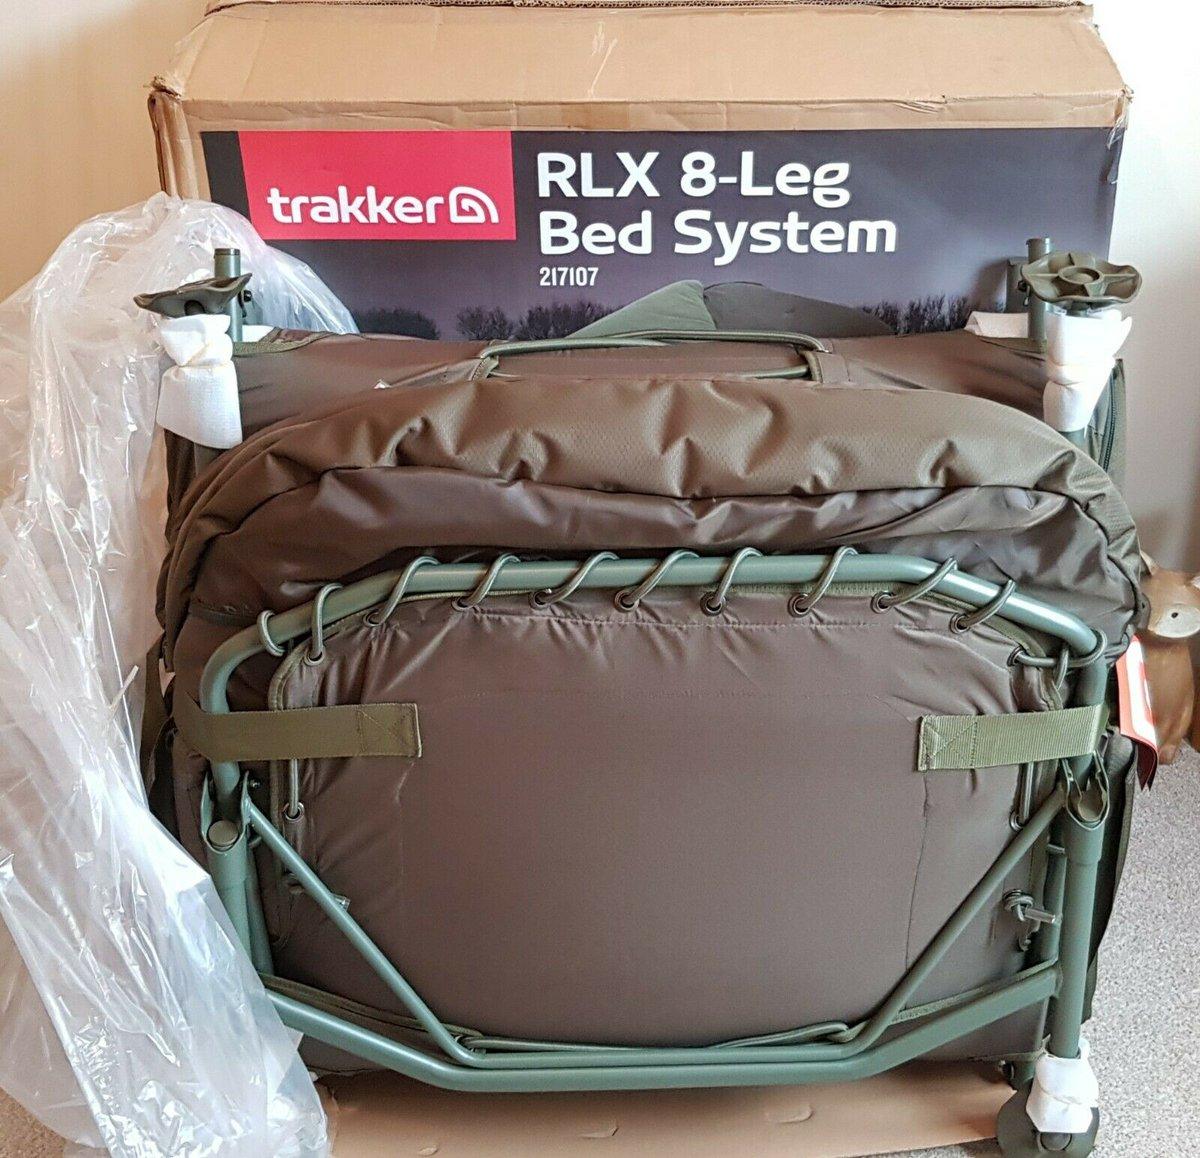 Ad - Trakker RLX 8 Leg Bed System On eBay here -->> https://t.co/TV03z3gSs3  #carpfishing http